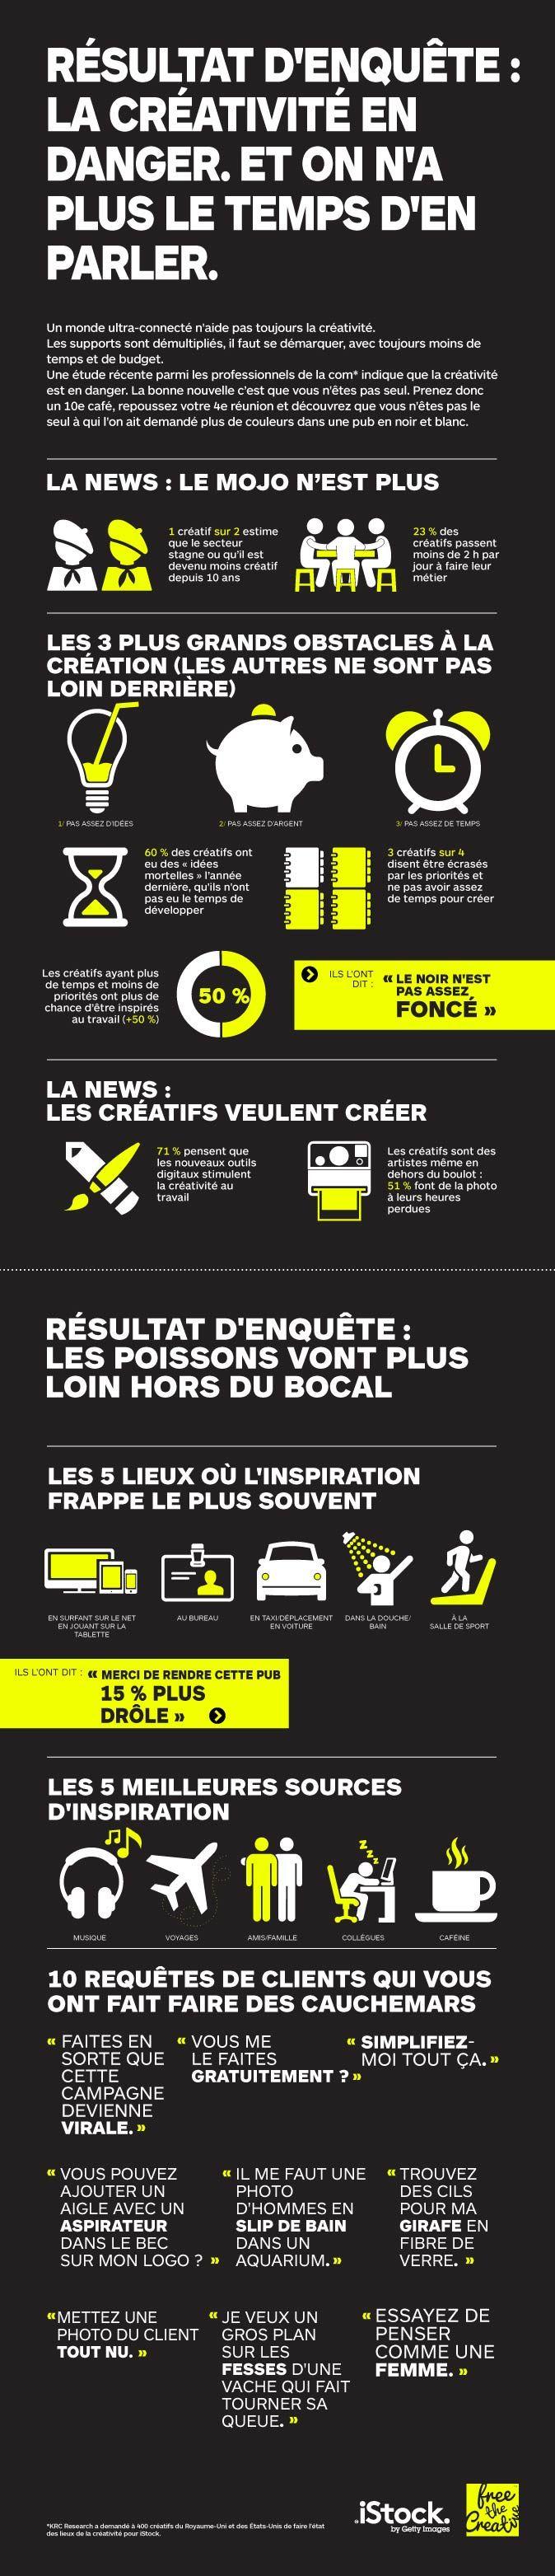 État des lieux de la créativité : l'infographie